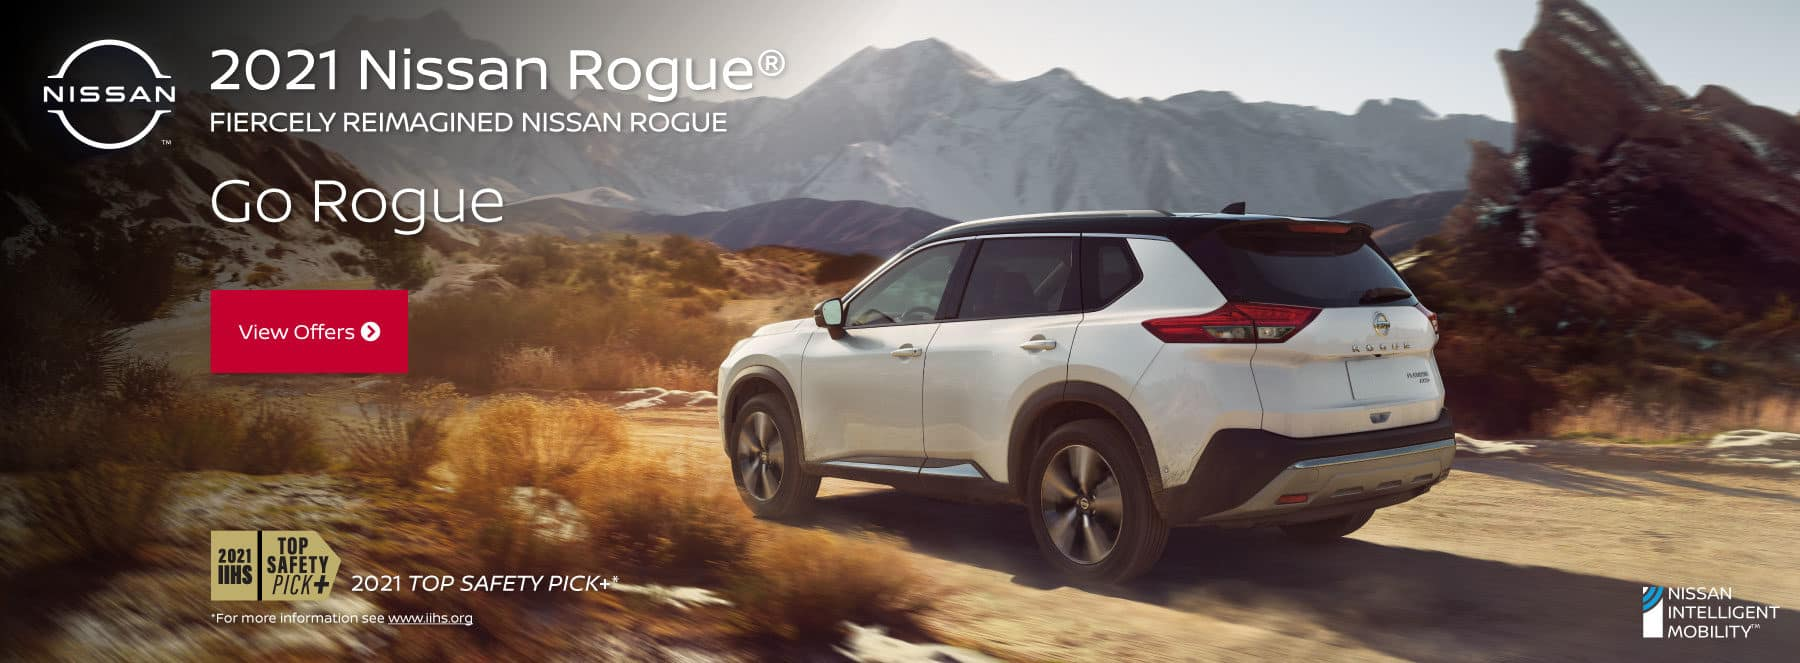 2021 Nissan Rogue - Go Rogue